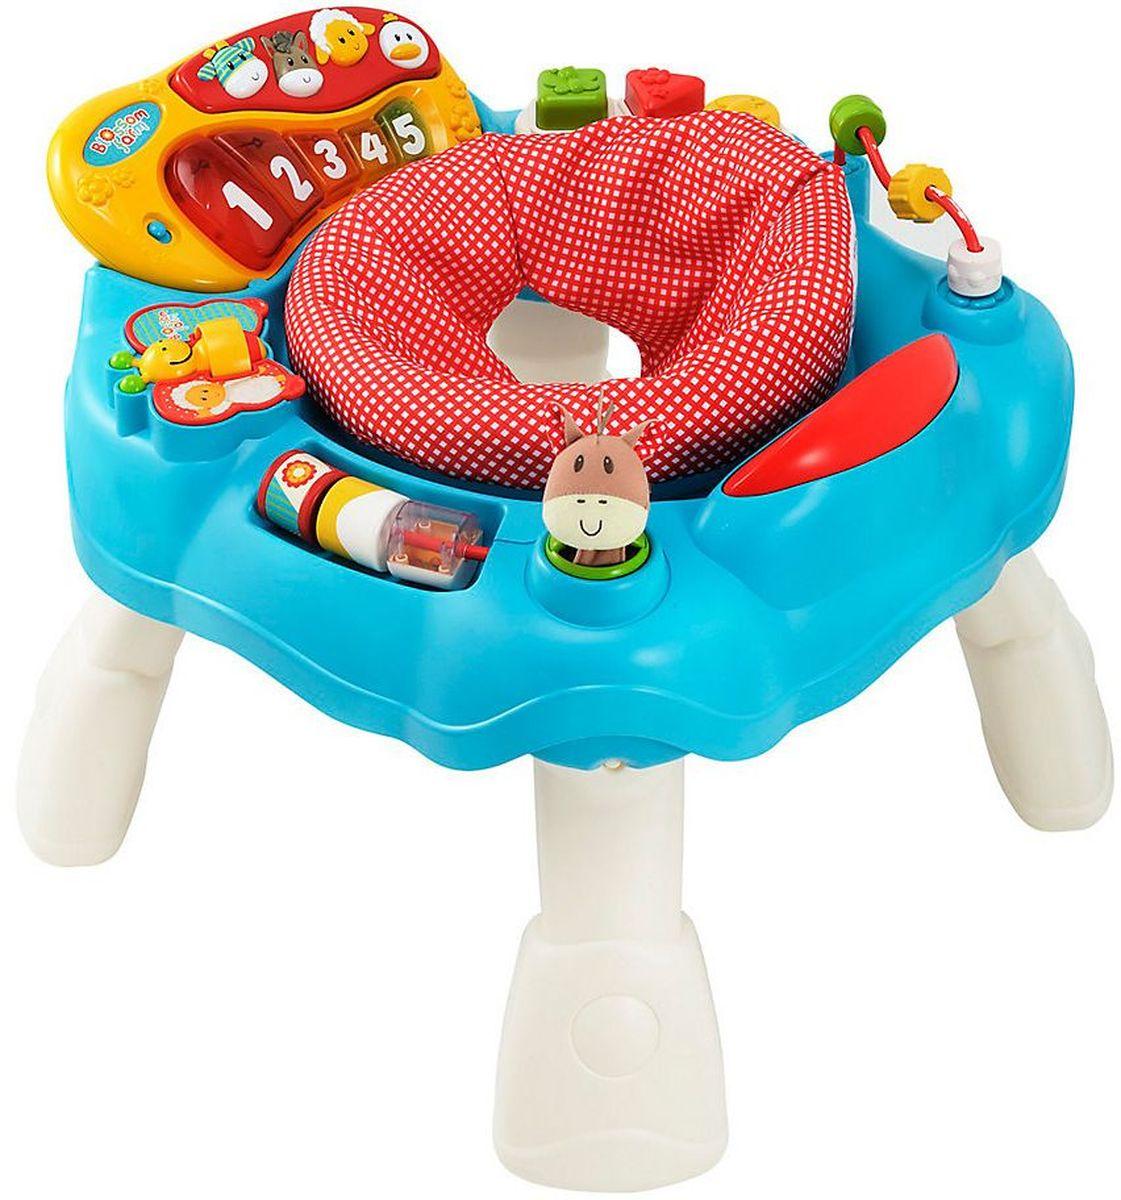 ELC Развивающая игрушка Игровой центр140072Игровой развивающий центр со встроенными игрушками идеально подойдет для Вашего малыша. В комплекте: клавиатура с пятью веселыми мелодиями и звуками животных, книжечка-бабочка, зеркальце, бусы, сортер и погремушка. Благодаря небольшому весу и съемным ножкам центр очень удобен для транспортировки. Необходимы 2х АА батарейки.